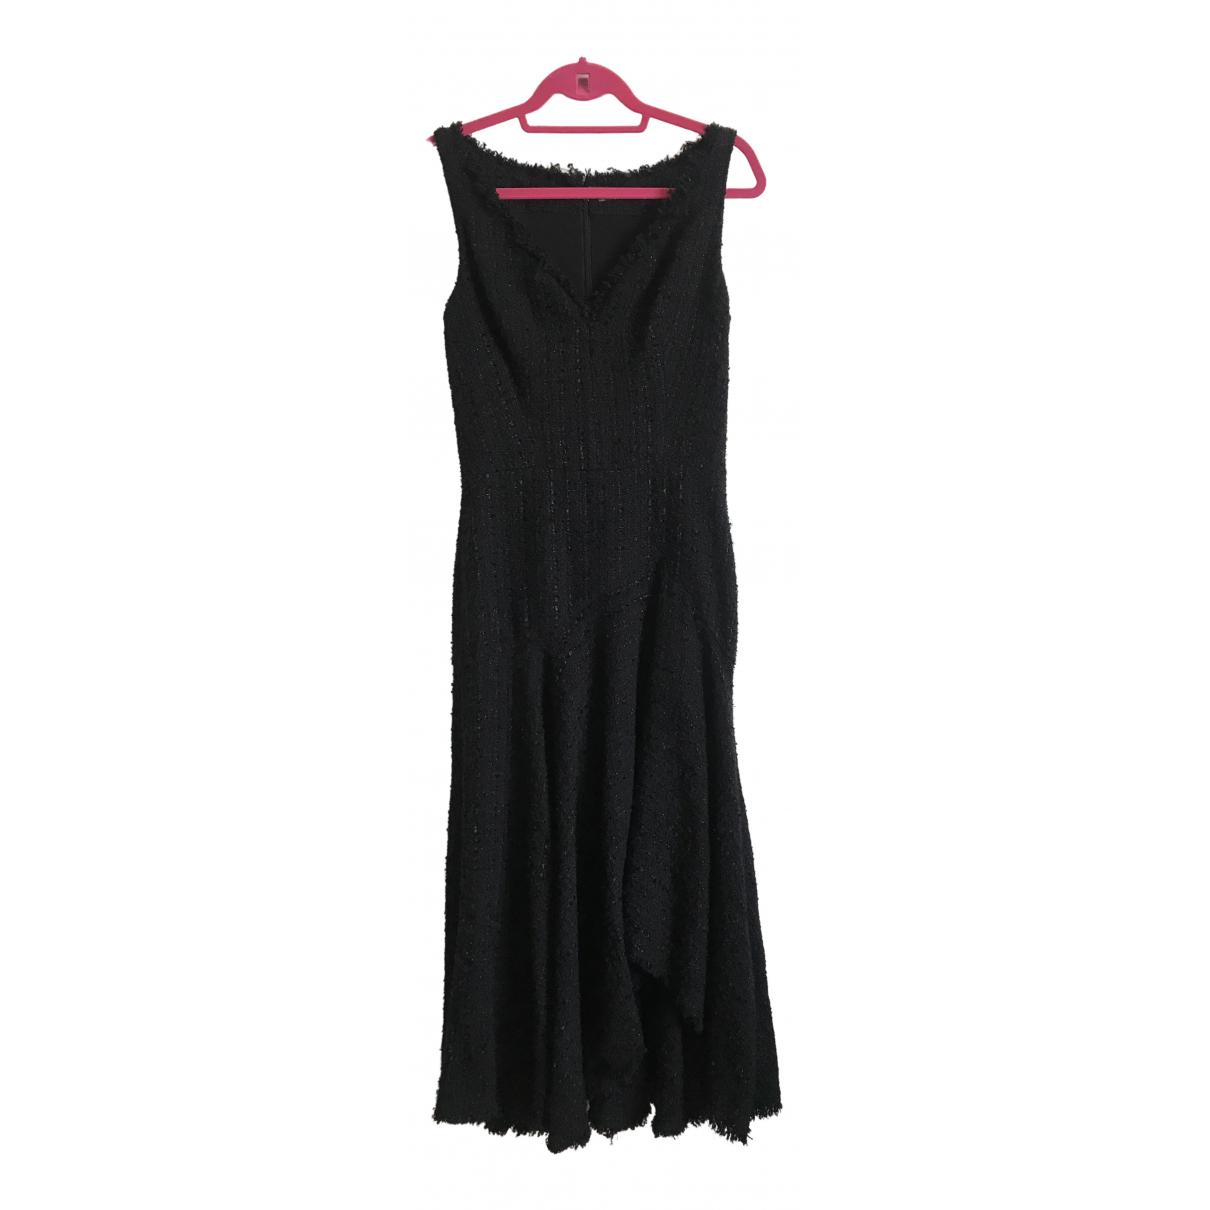 Alexander Mcqueen \N Kleid in  Schwarz Tweed